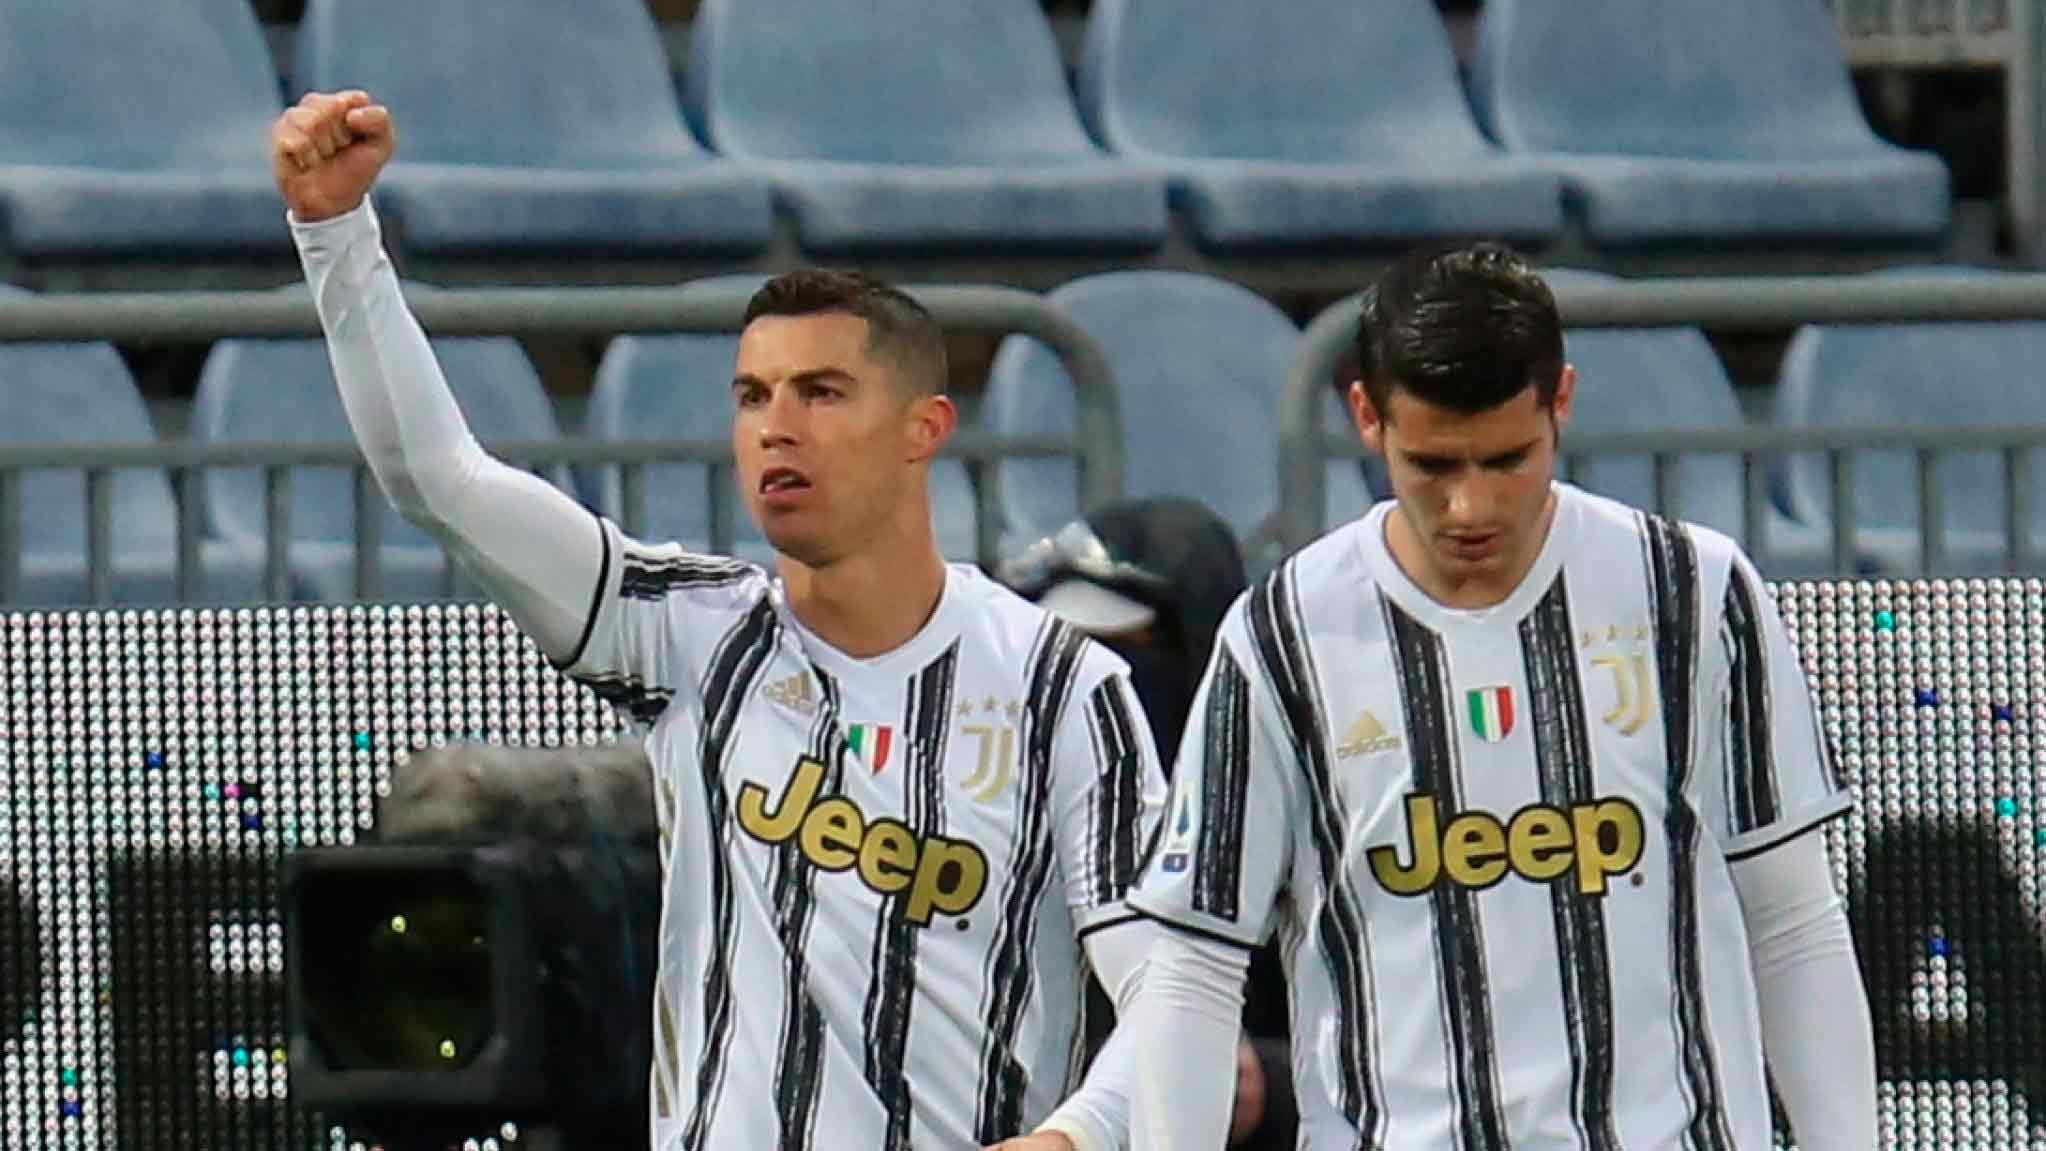 ¿Acabado? Cristiano Ronaldo anotó un triplete en media hora y mandó a callar a sus críticos